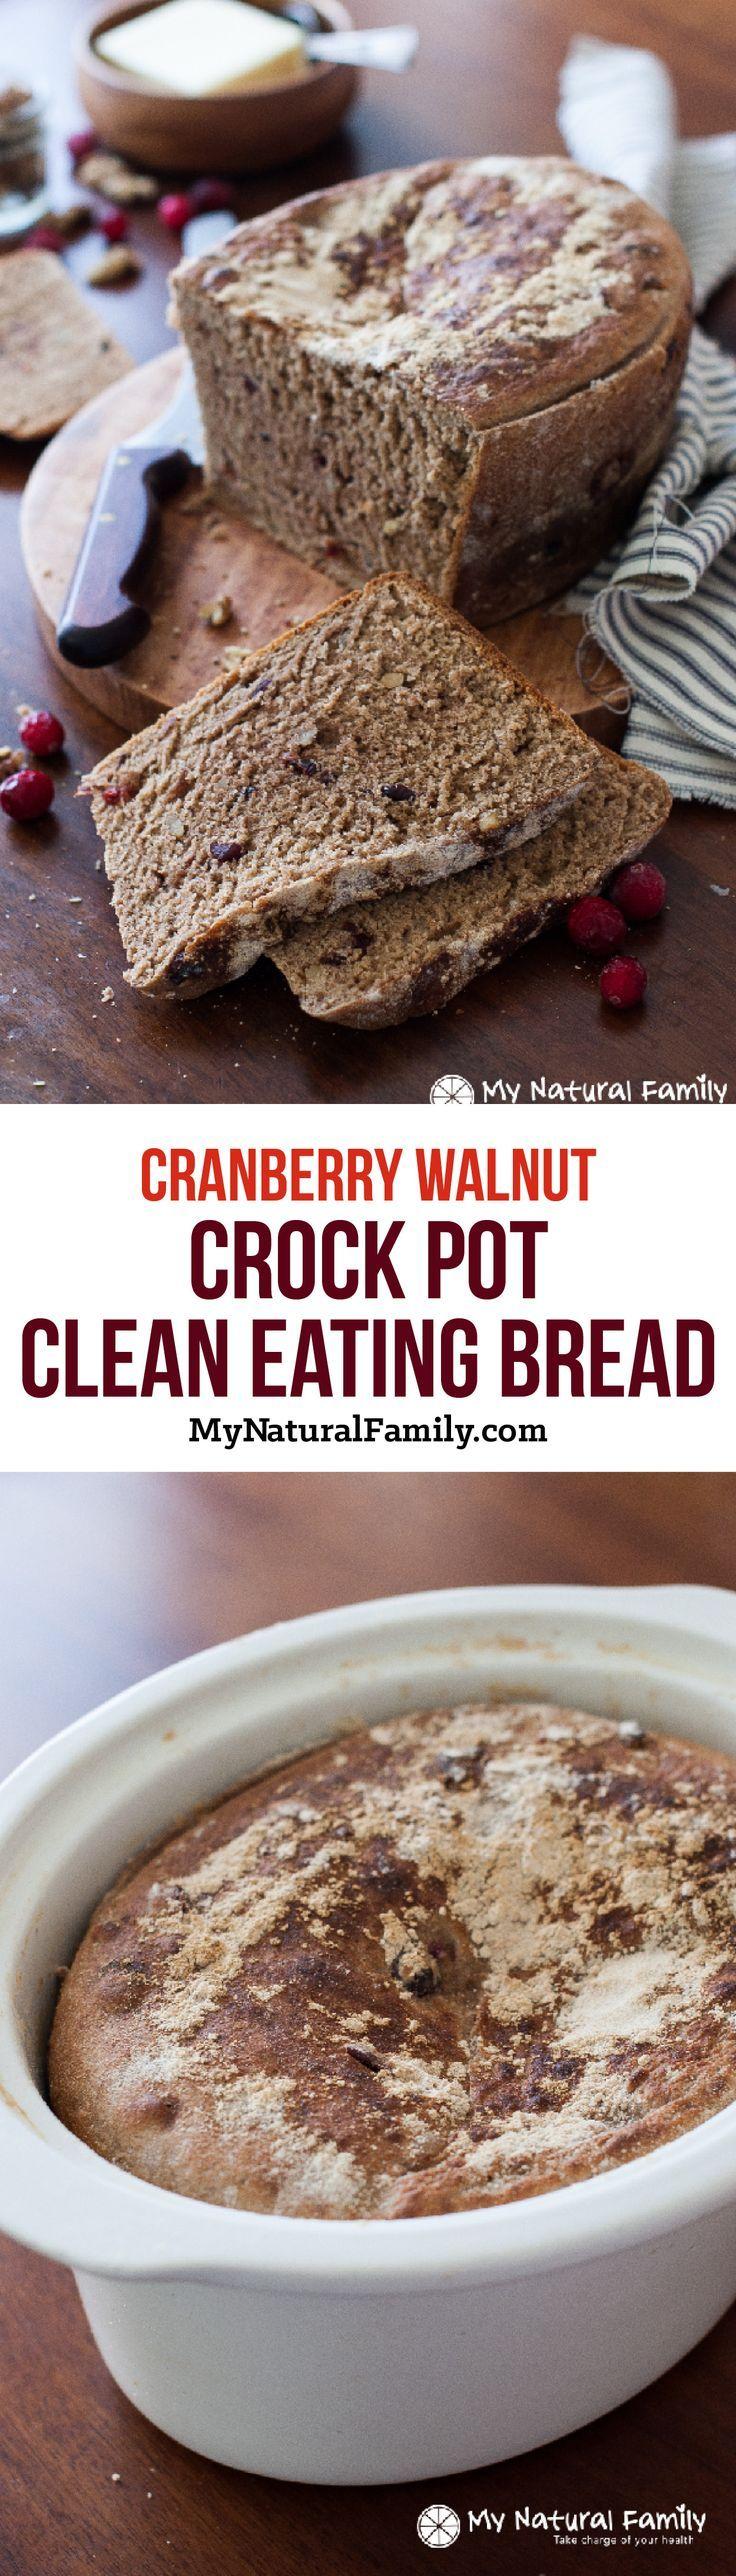 Crock Pot Clean Eating Bread Recipe - Cranberry Walnut